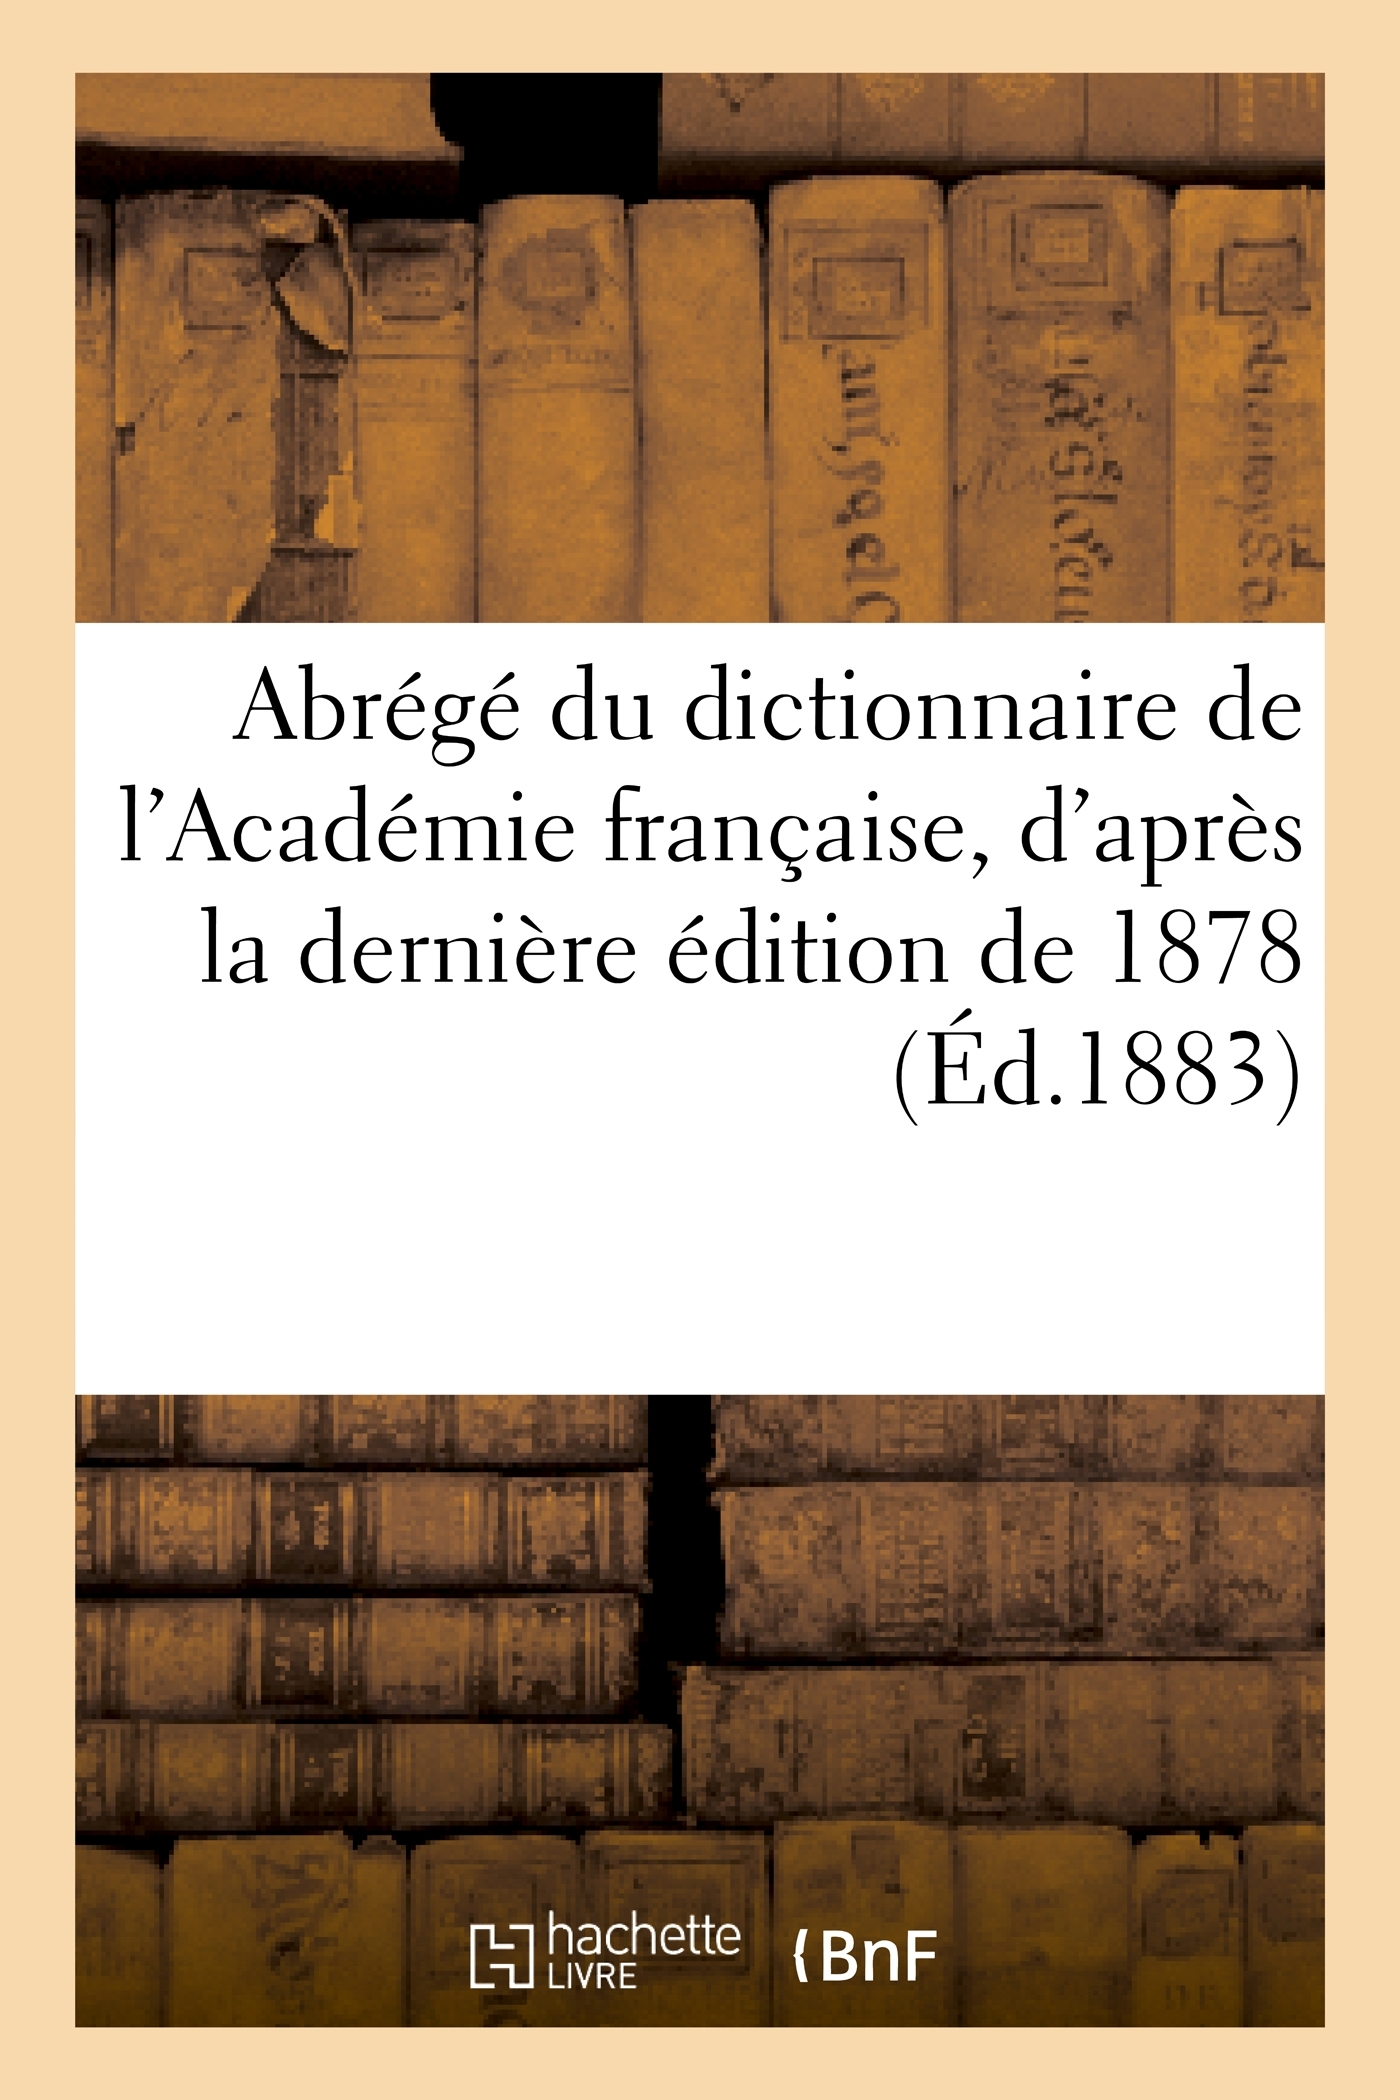 ABREGE DU DICTIONNAIRE DE L'ACADEMIE FRANCAISE, D'APRES LA DERNIERE EDITION DE 1878 - : ANCIEN VOCAB